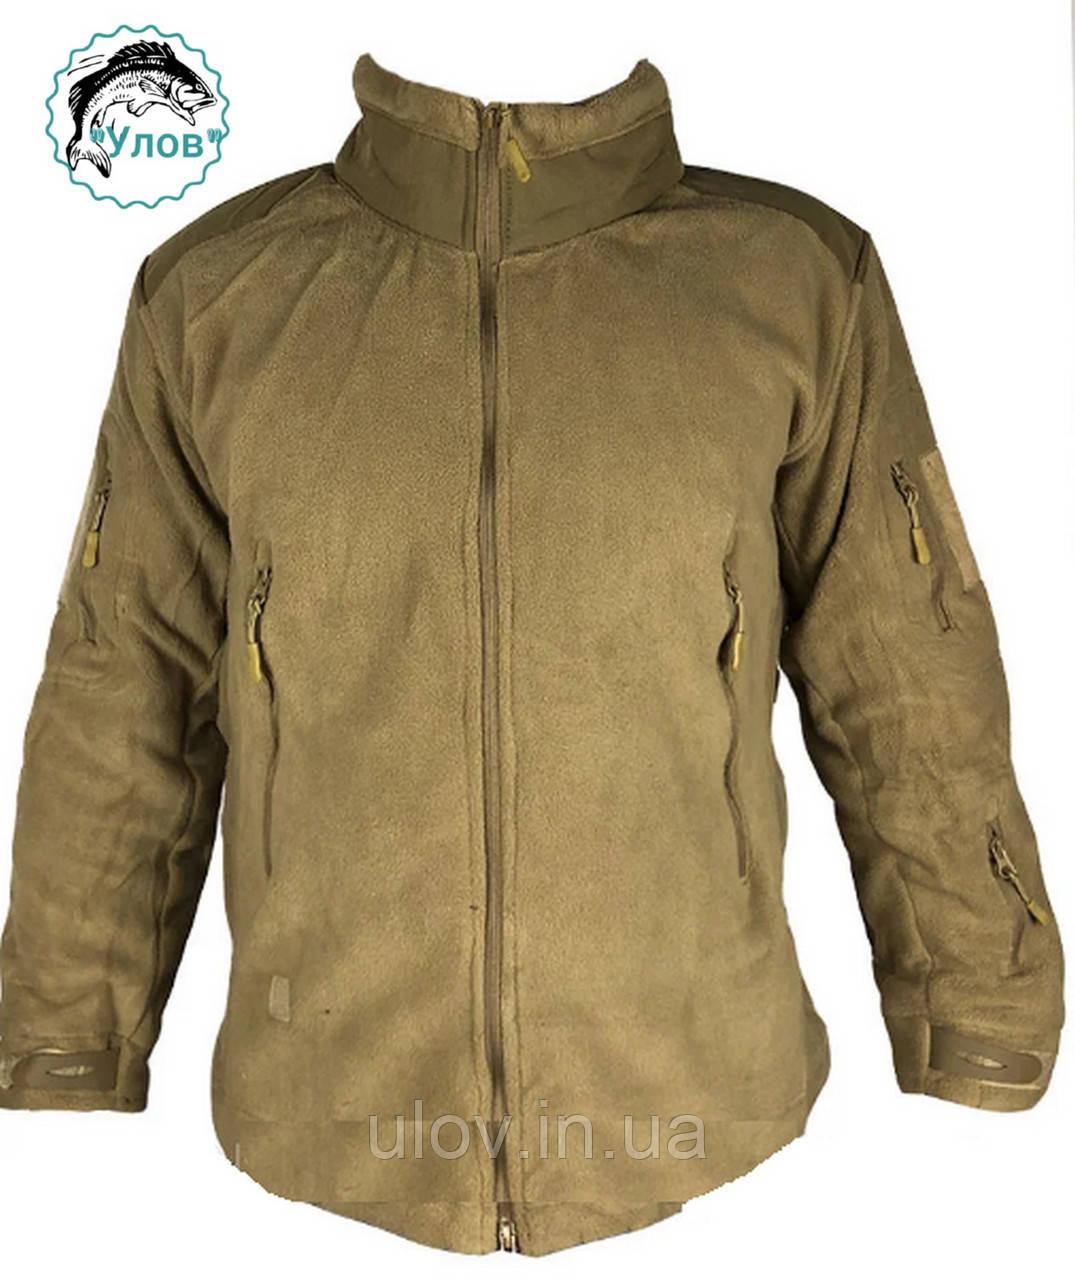 Куртка флисовая TAD GEAR Койот